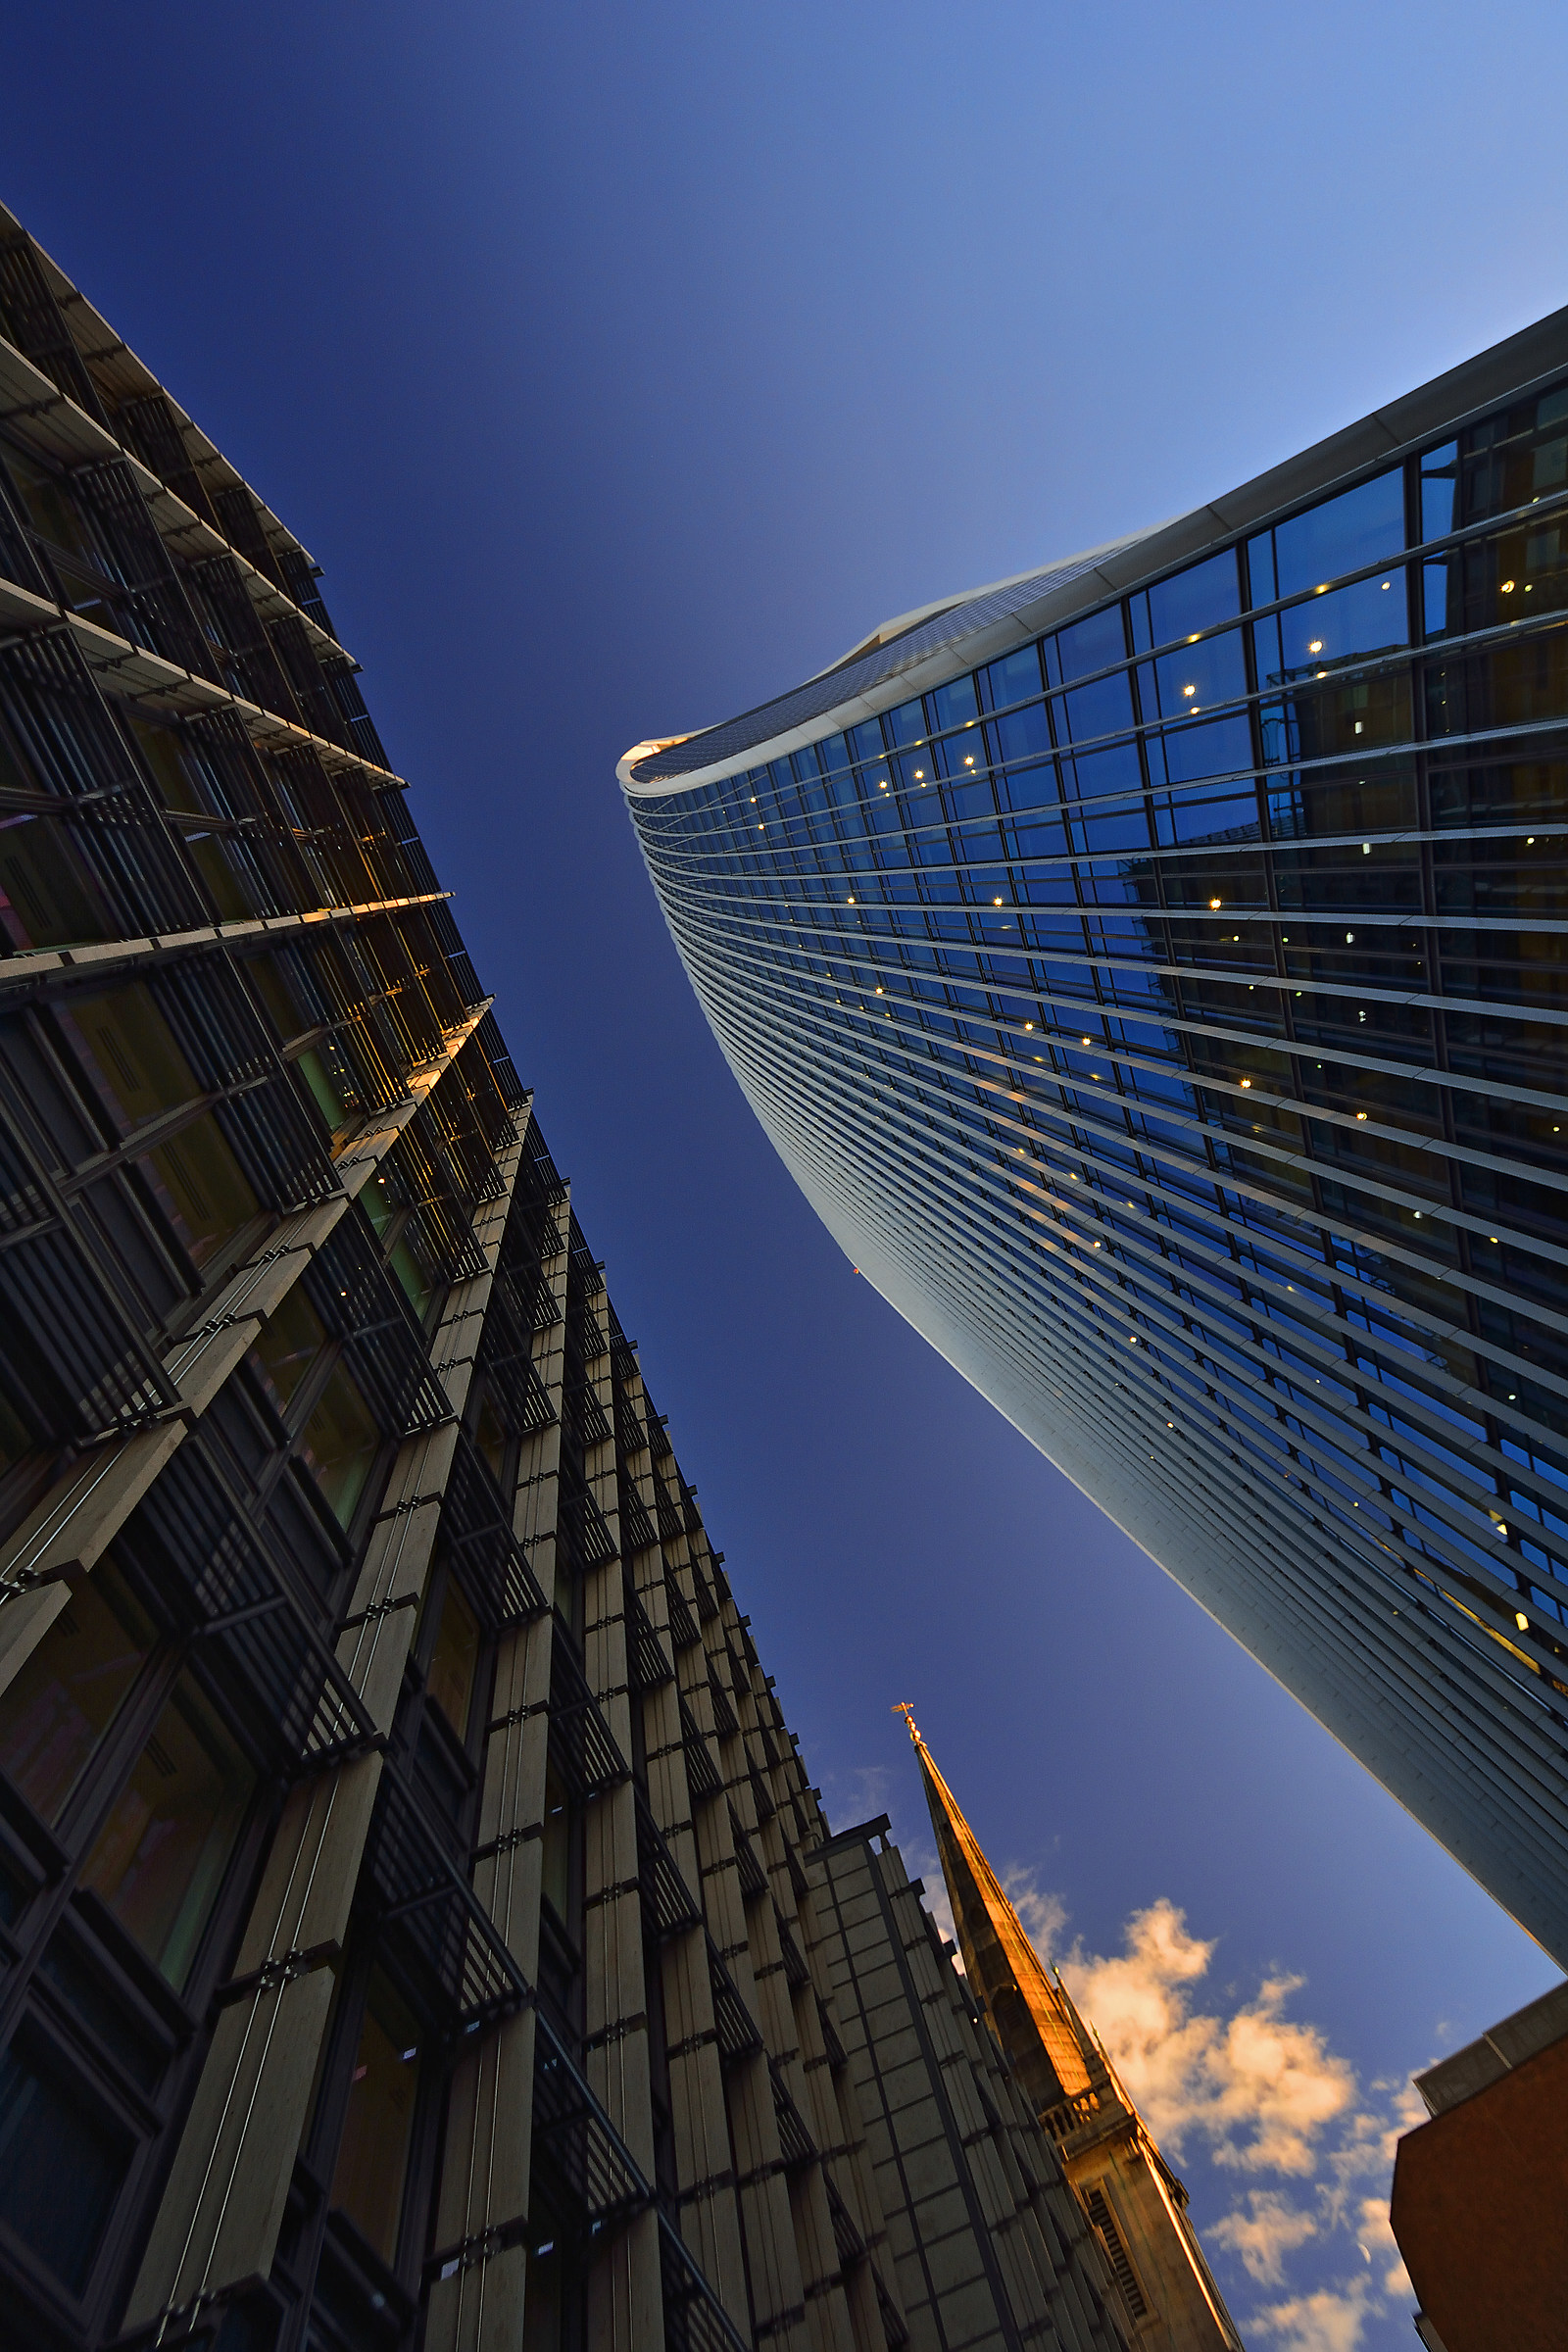 Miscela meravigliosa architettura di Londra!...